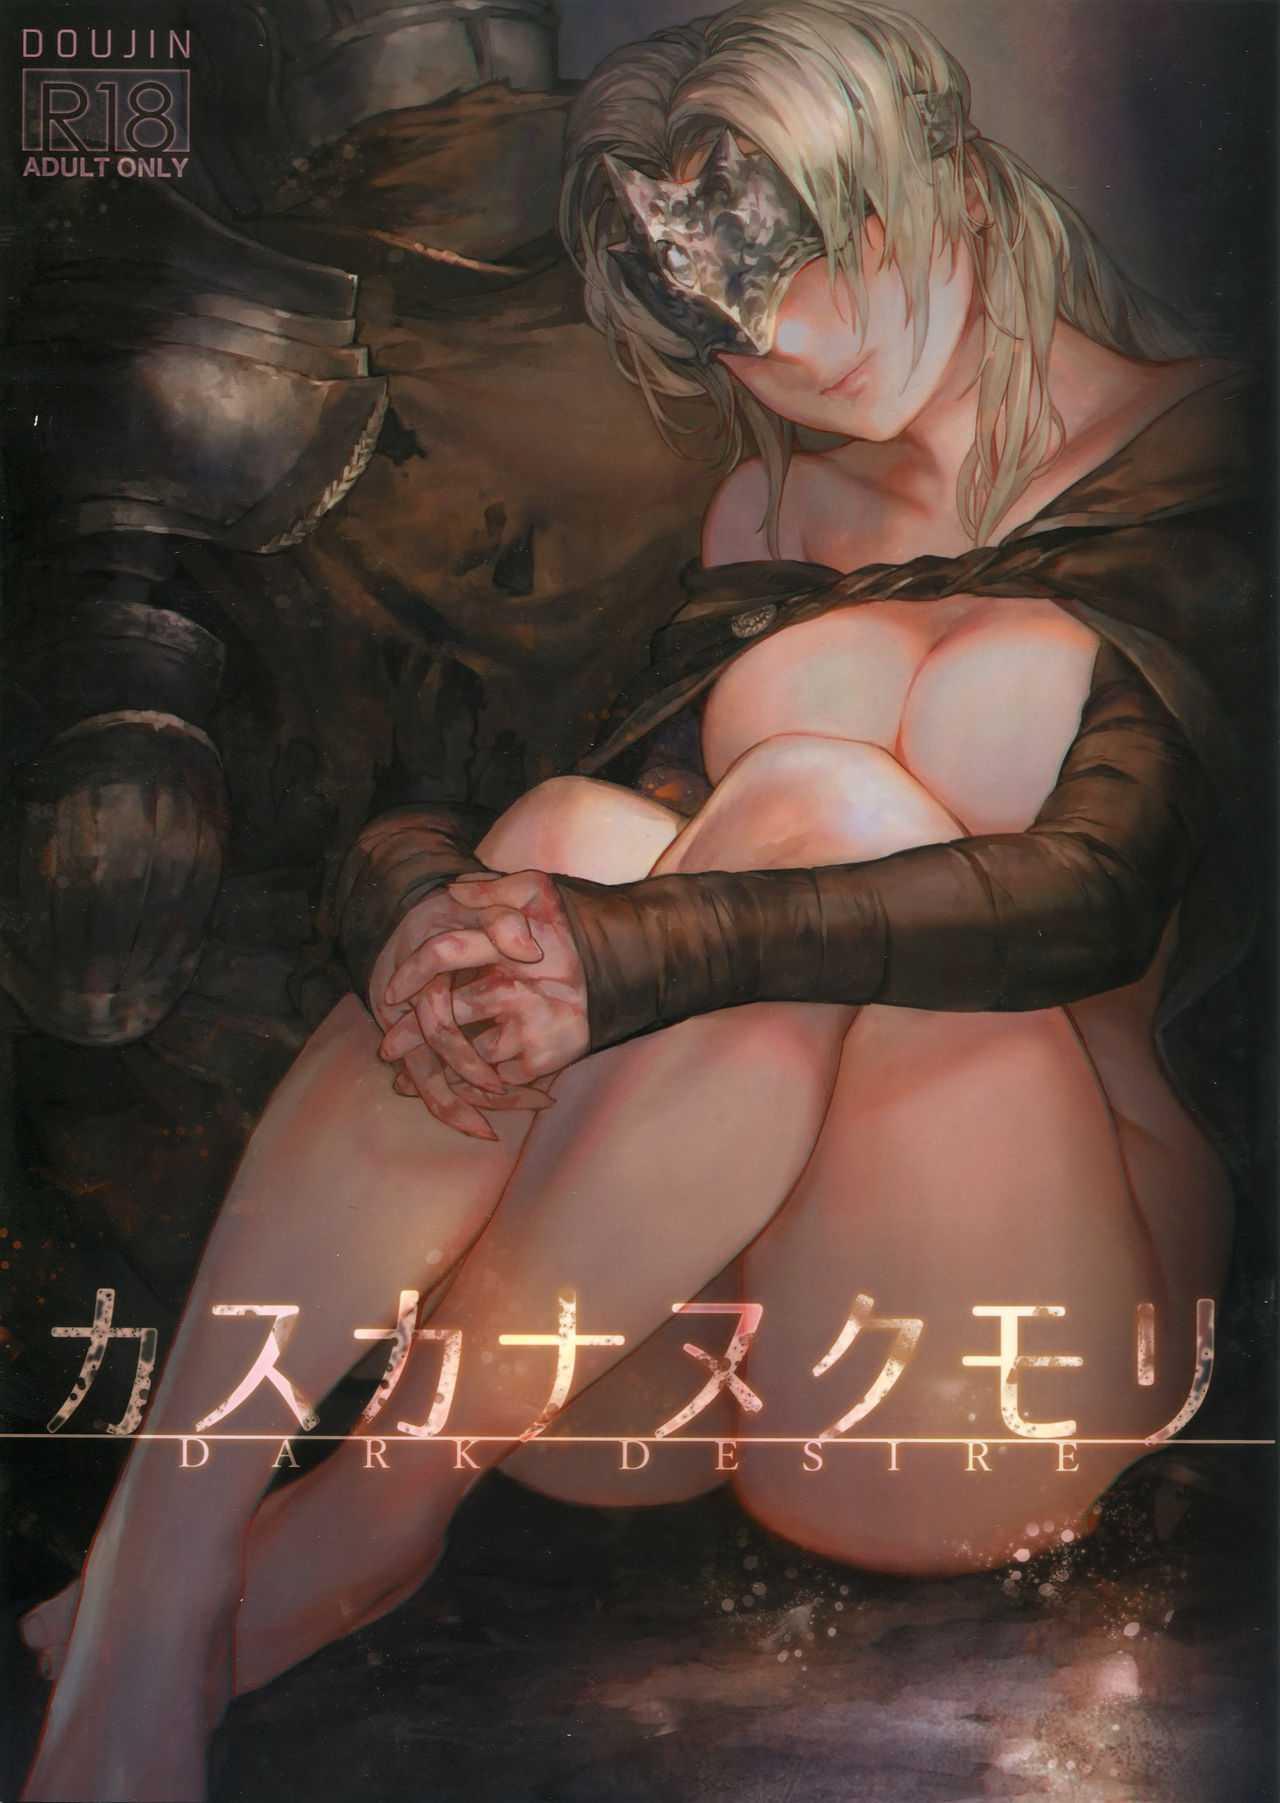 c94-aoin-no-junreibi-aoin-dark-desire-dark-souls-iii